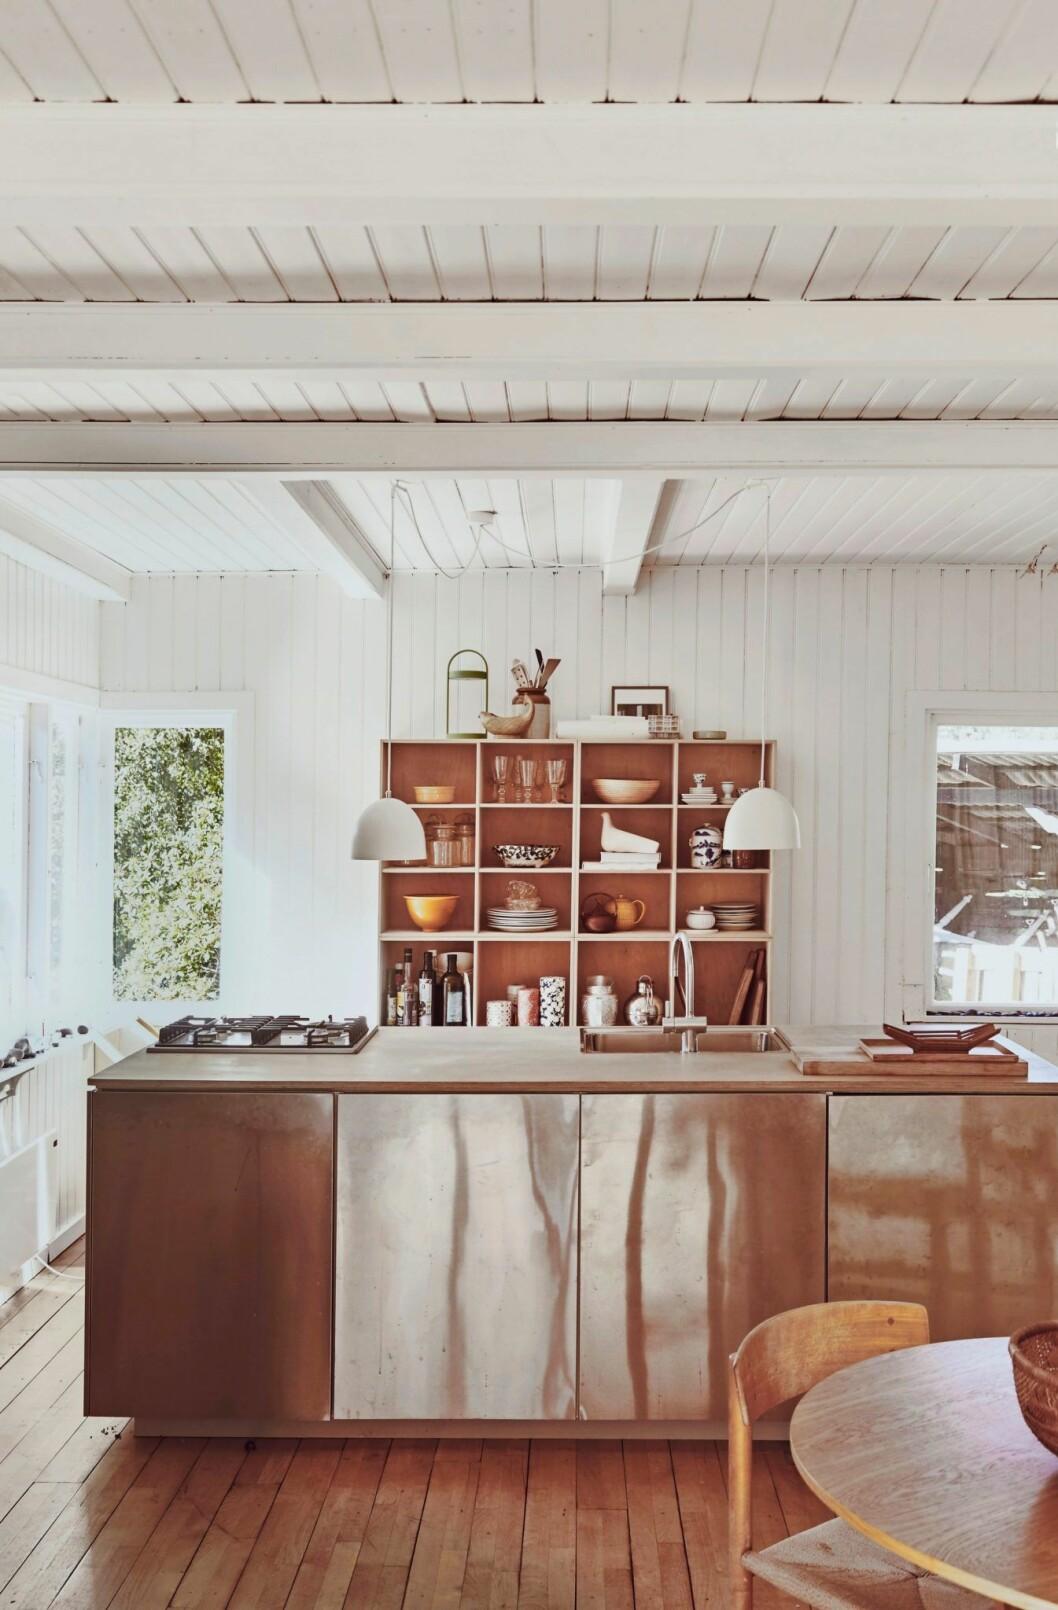 Naturnära kök i trähuset på Själland